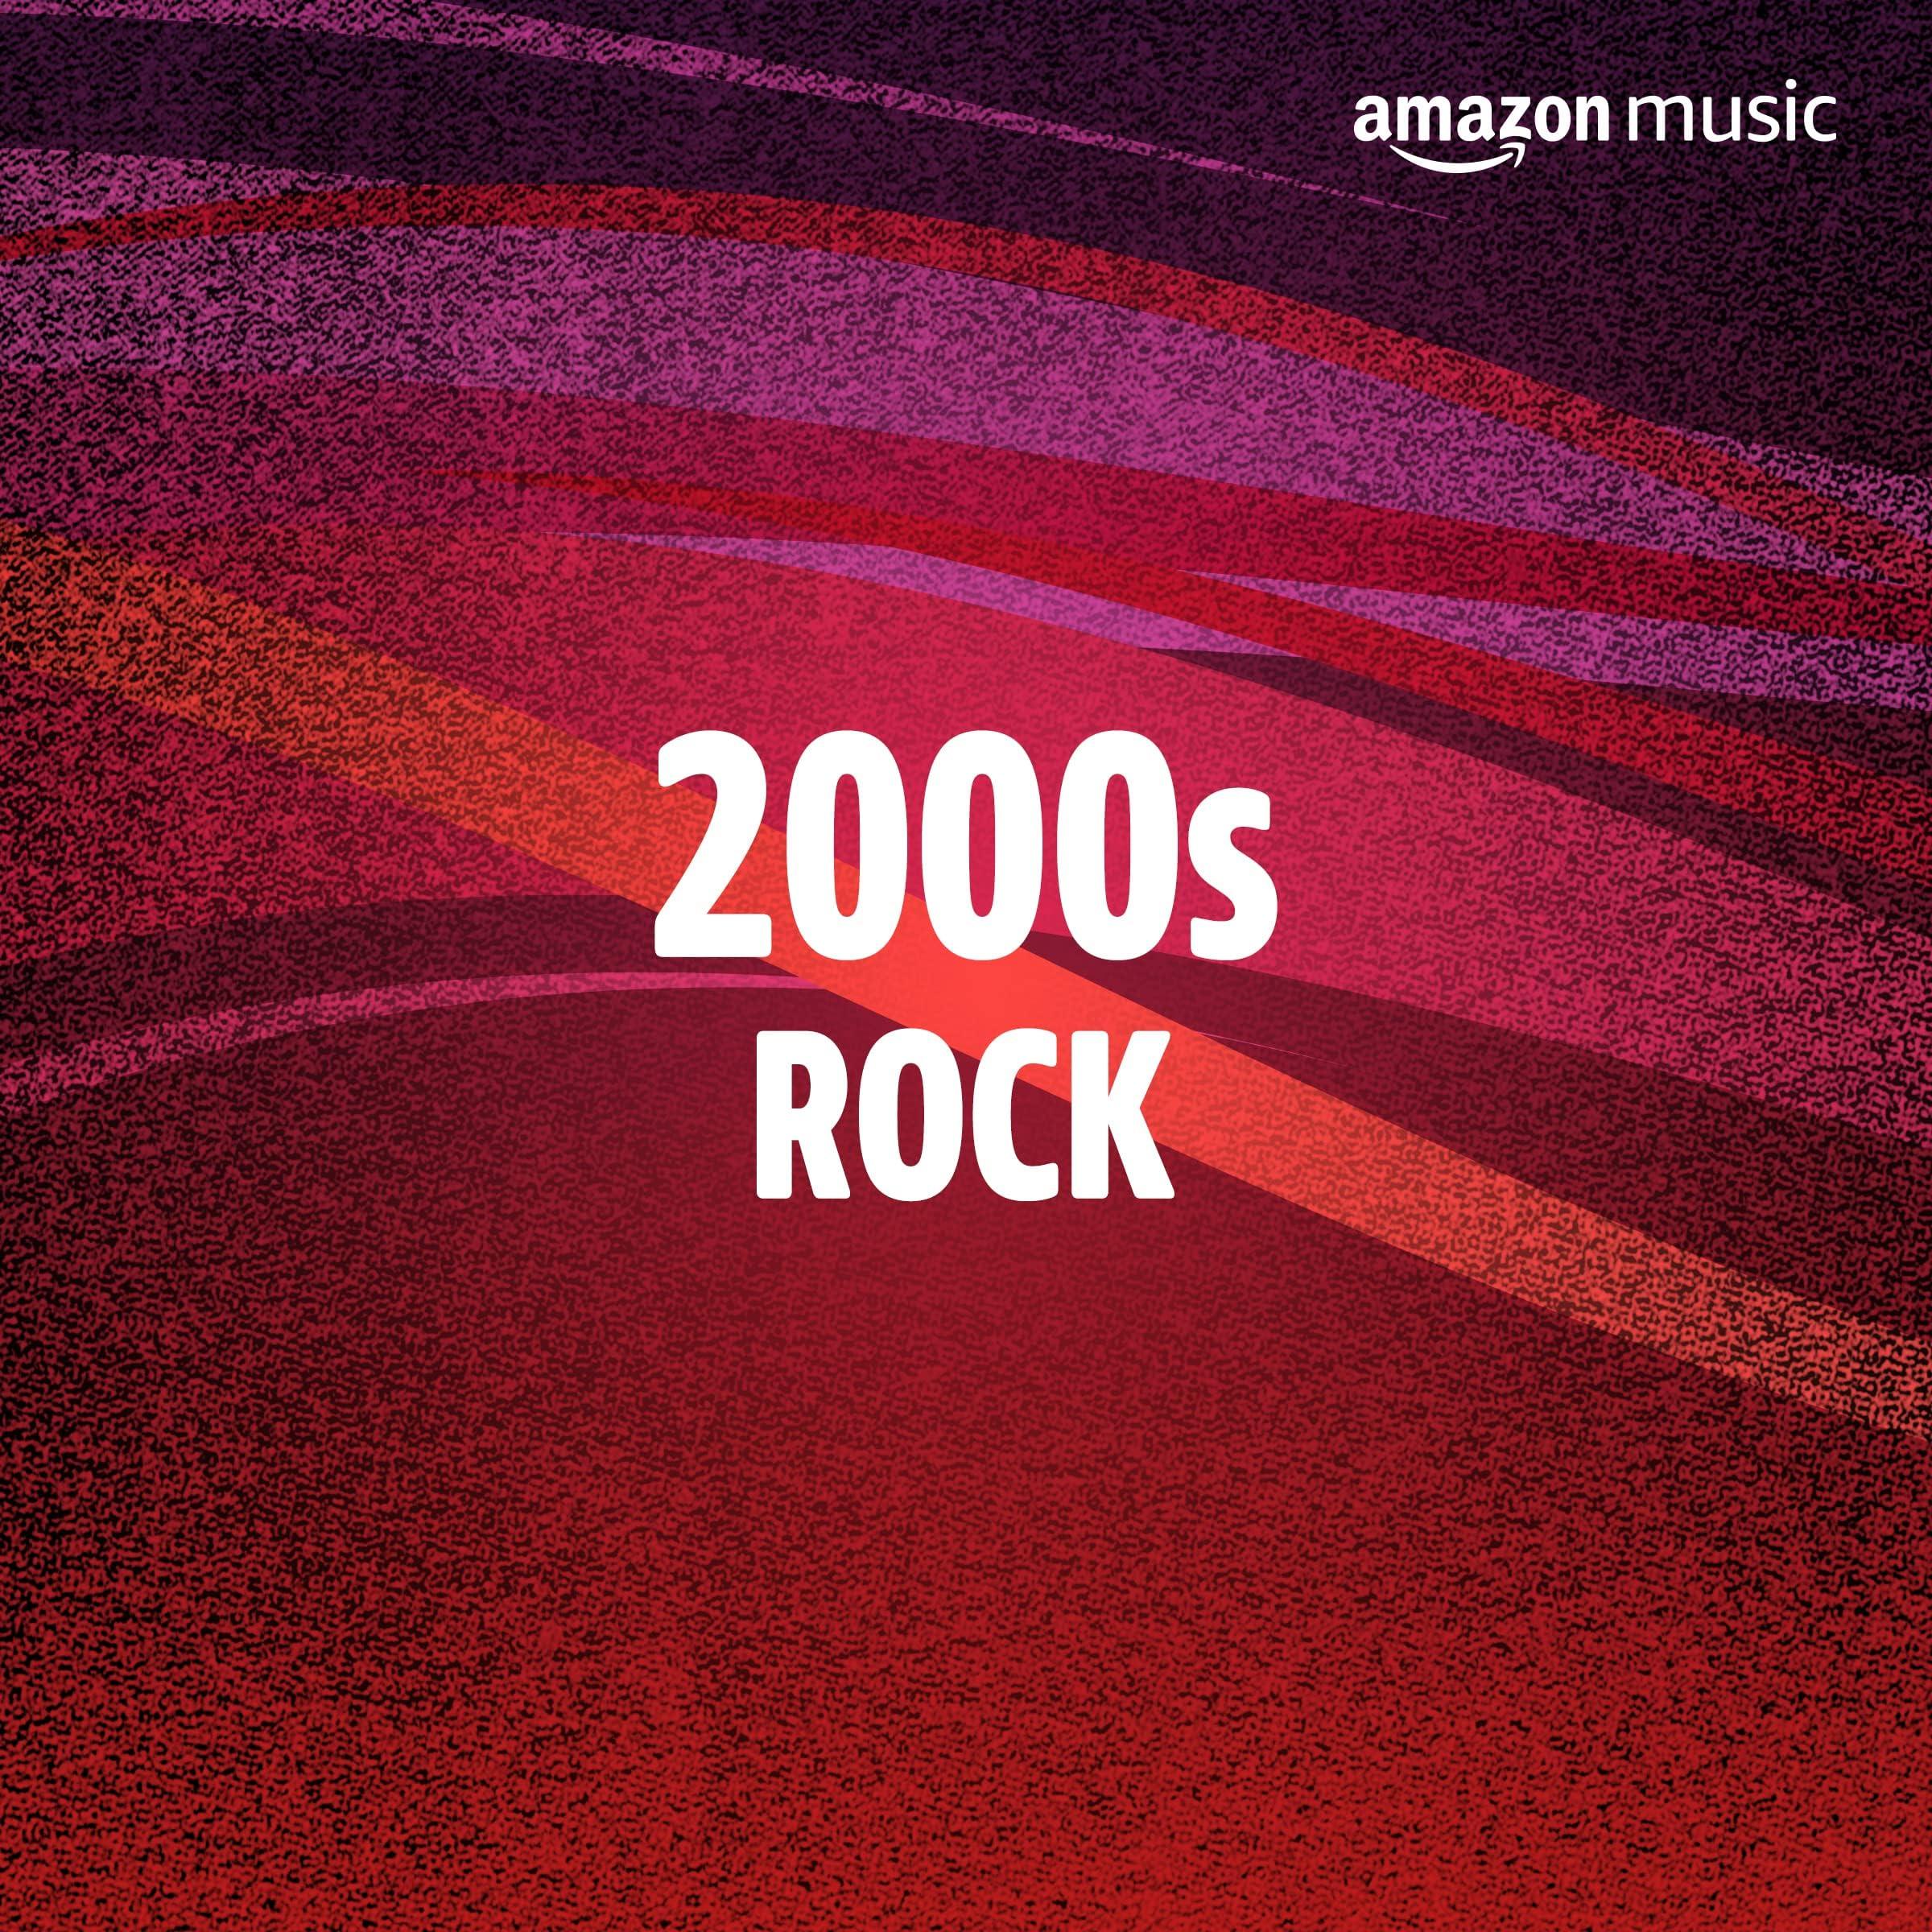 00s Rock